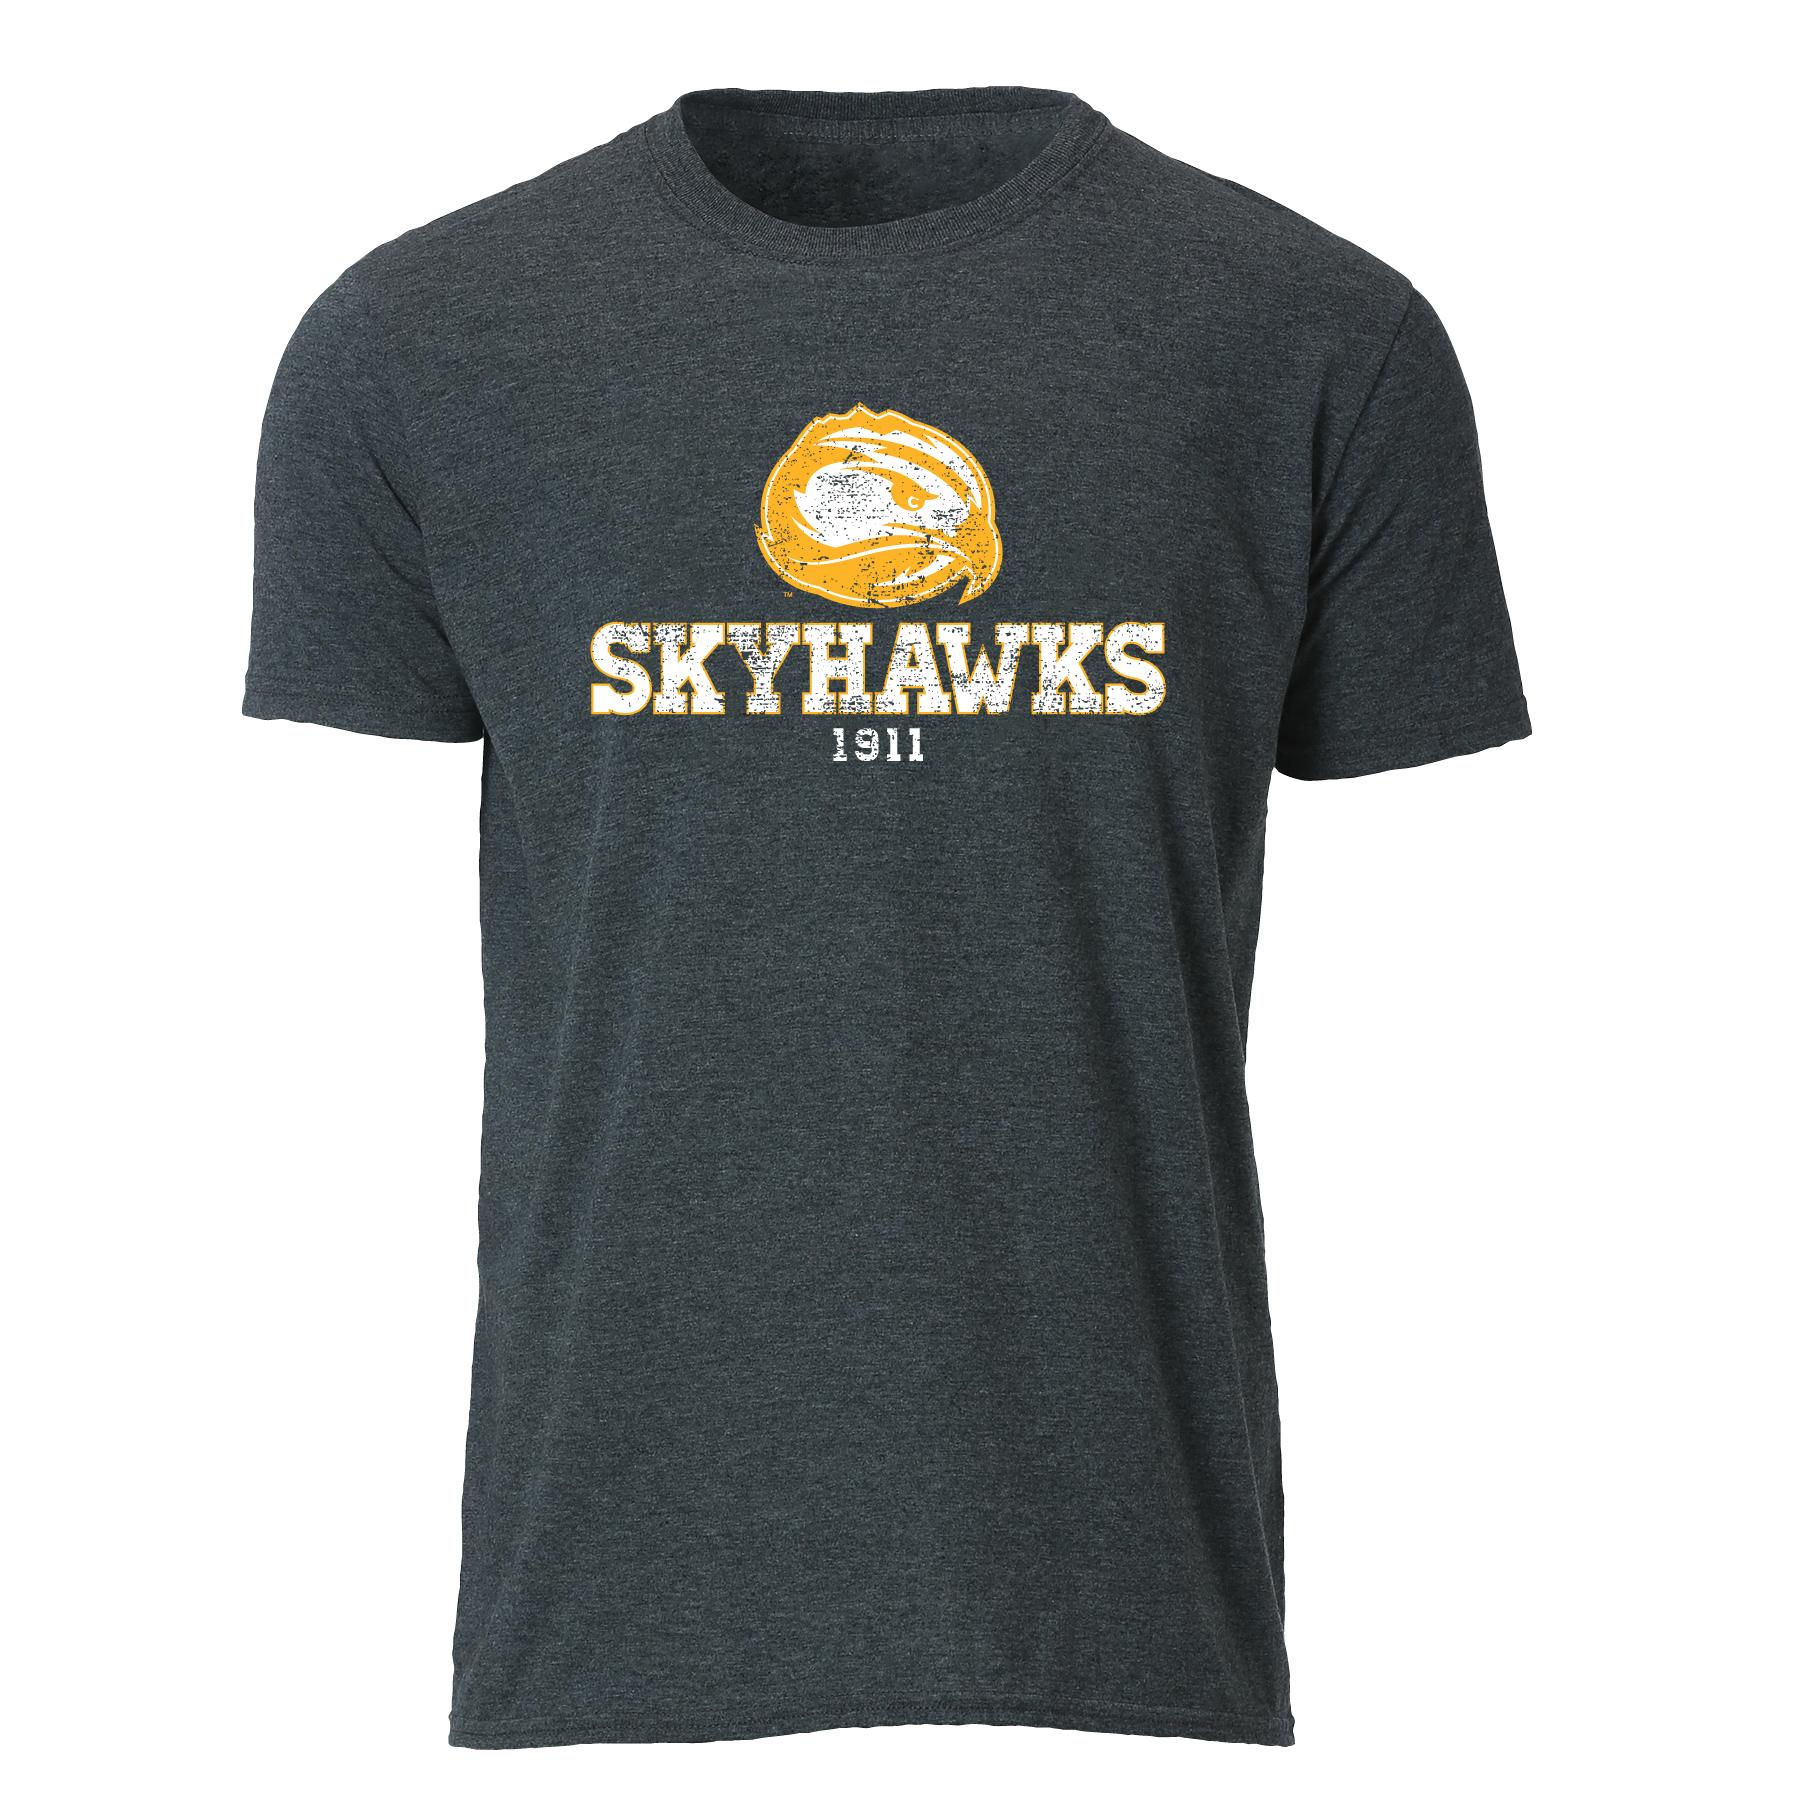 Skyhawks 1911 Vintage Sheer S/S T-Shirt